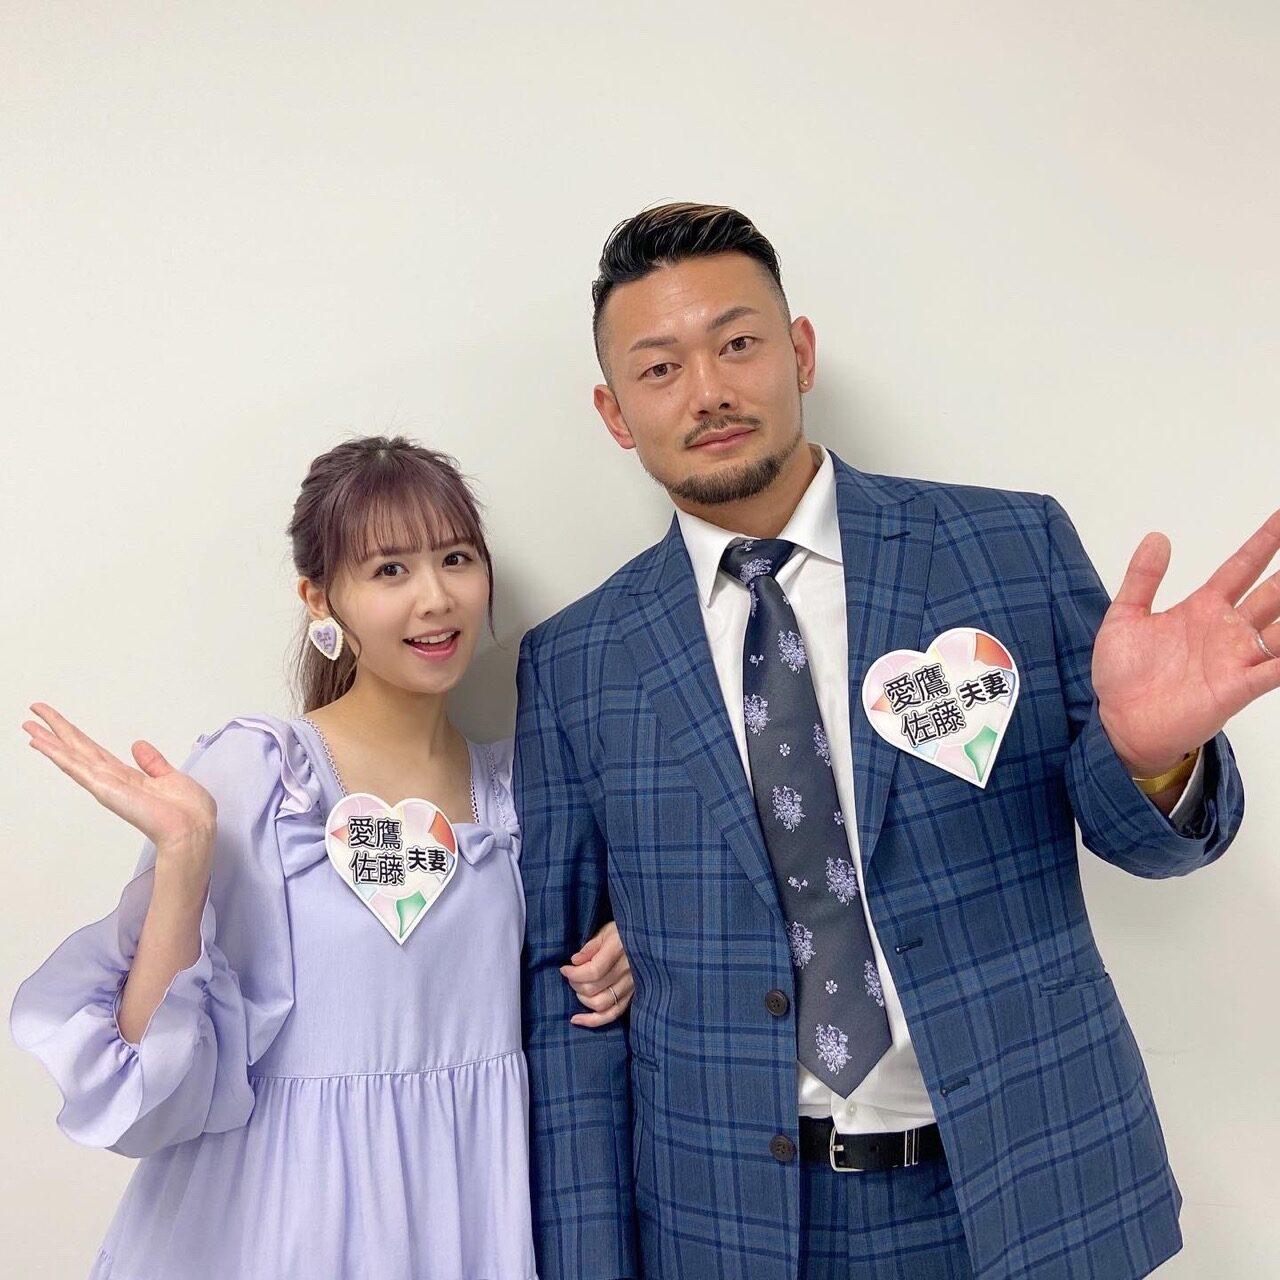 佐藤すみれ&K-1ファイター愛鷹亮夫婦が「新婚さんいらっしゃい!」に出演!